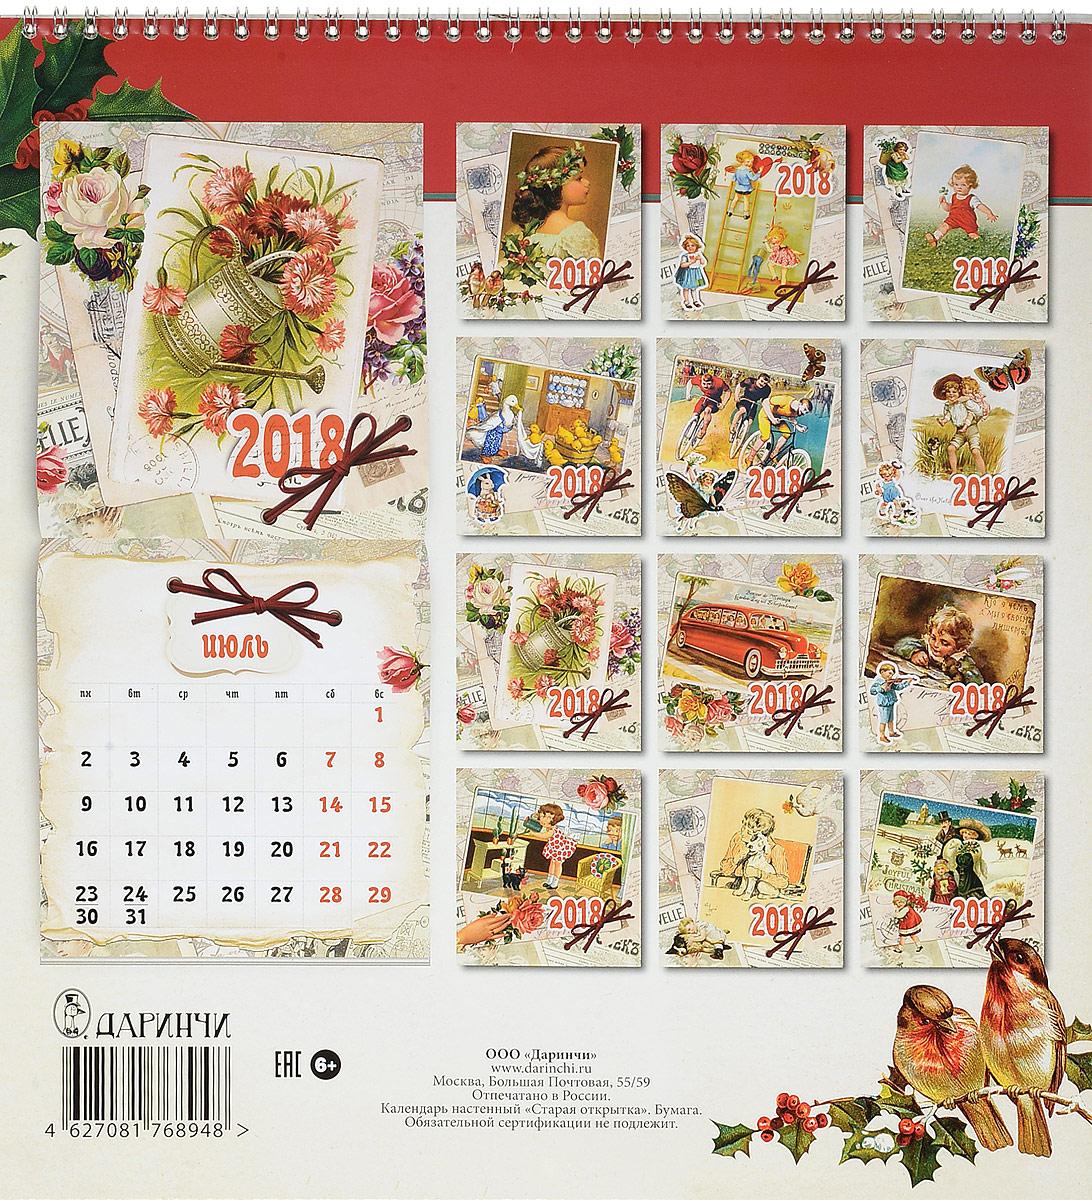 Календарь 2018 открытка 59